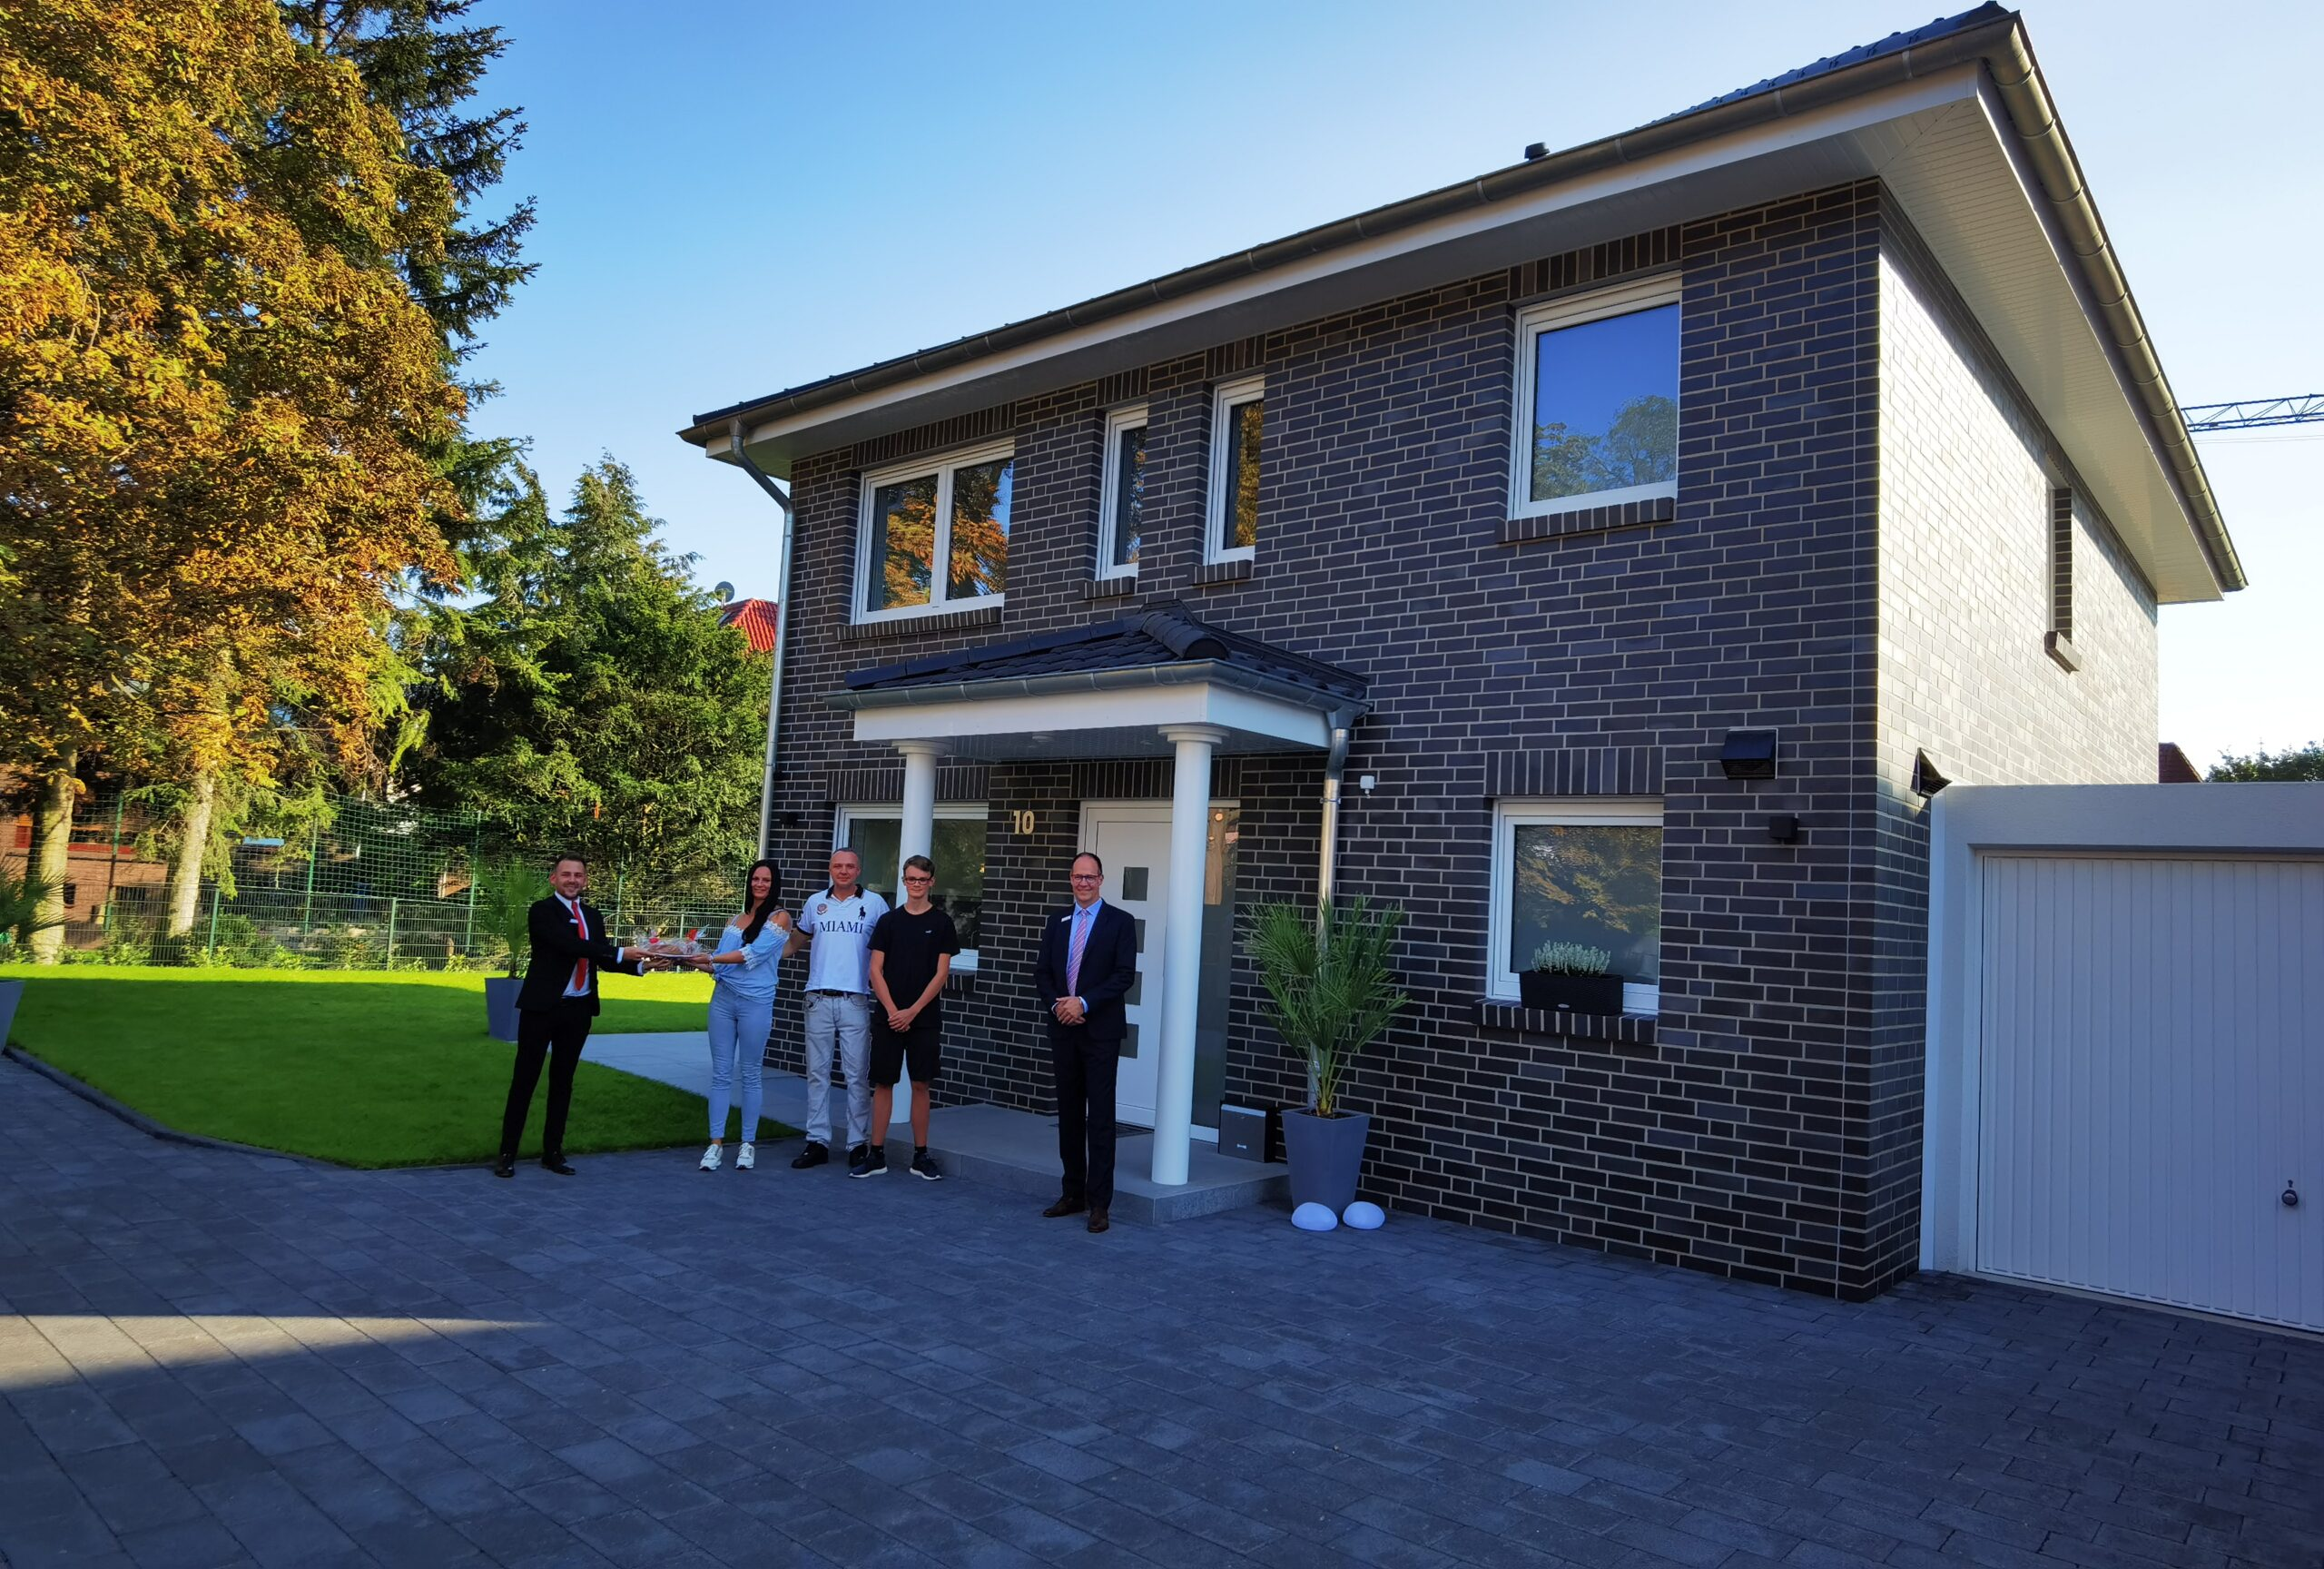 Wohntraum wird Wirklichkeit – Familie Mucha hat sich im Neubaugebiet in Osterfeld ihren Traum vom Eigenheim erfüllt